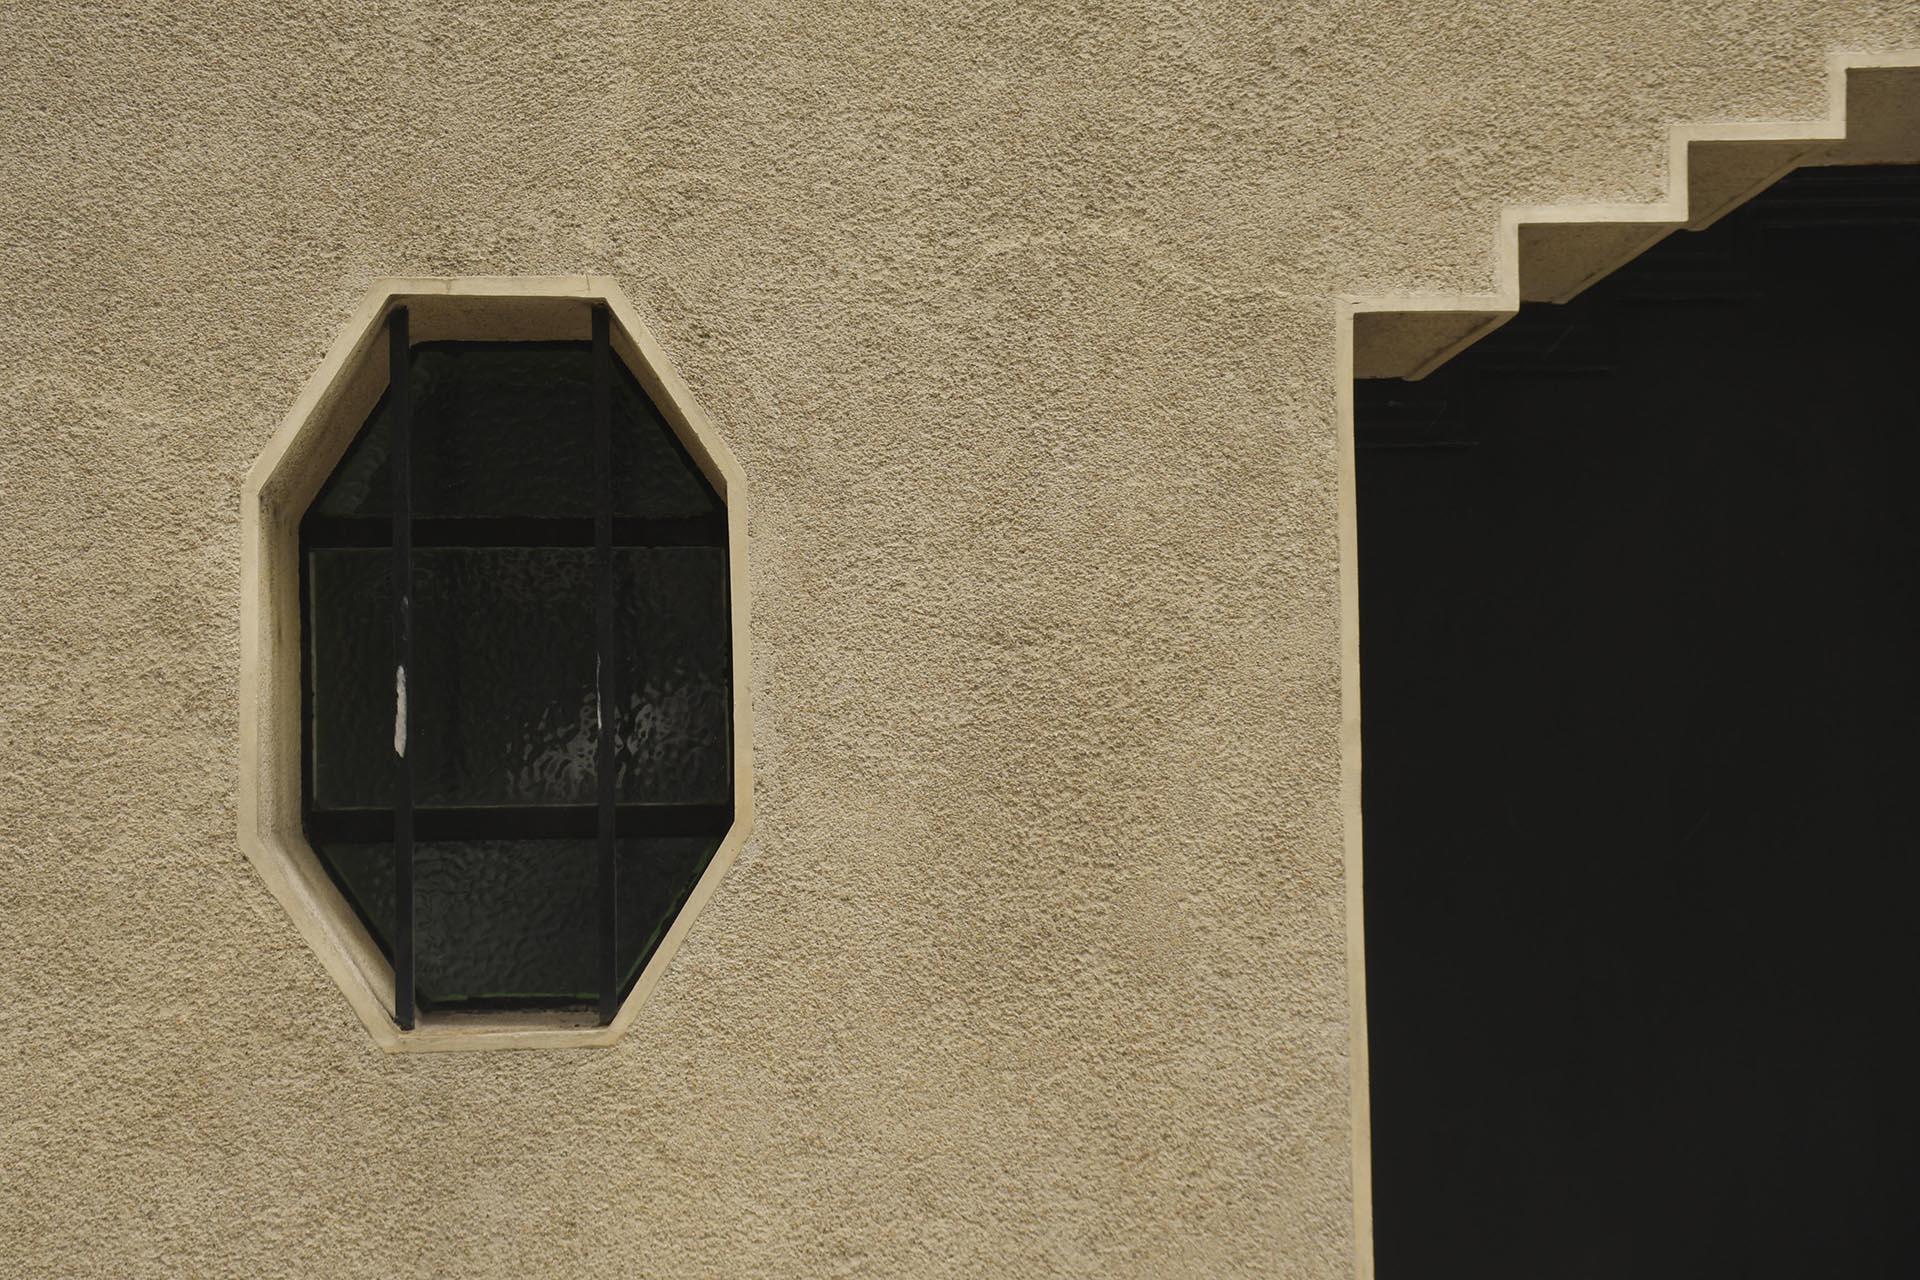 En todo el exterior pueden observarse, aplicados a esta estructura básica de notable geometrización, numerosos elementos decorativos que remiten a formas figurativas